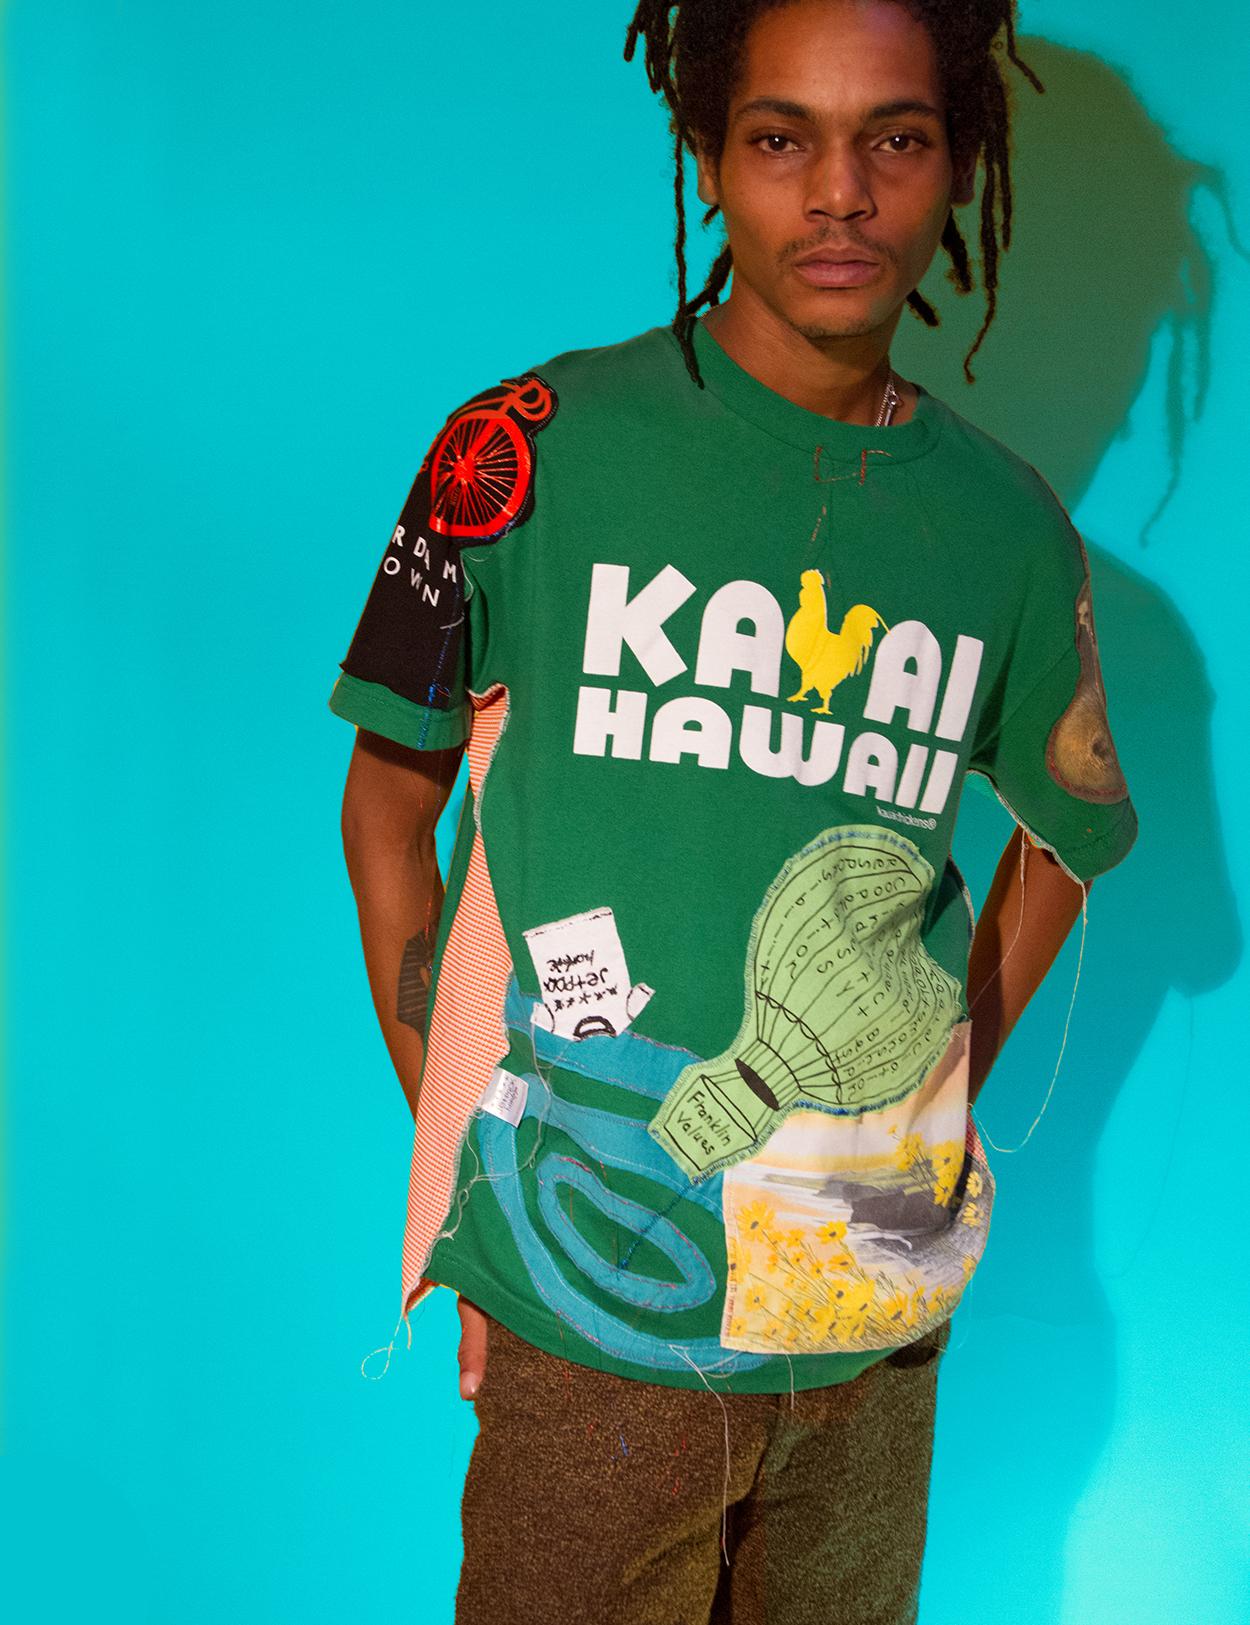 John Hawaii page web.jpg